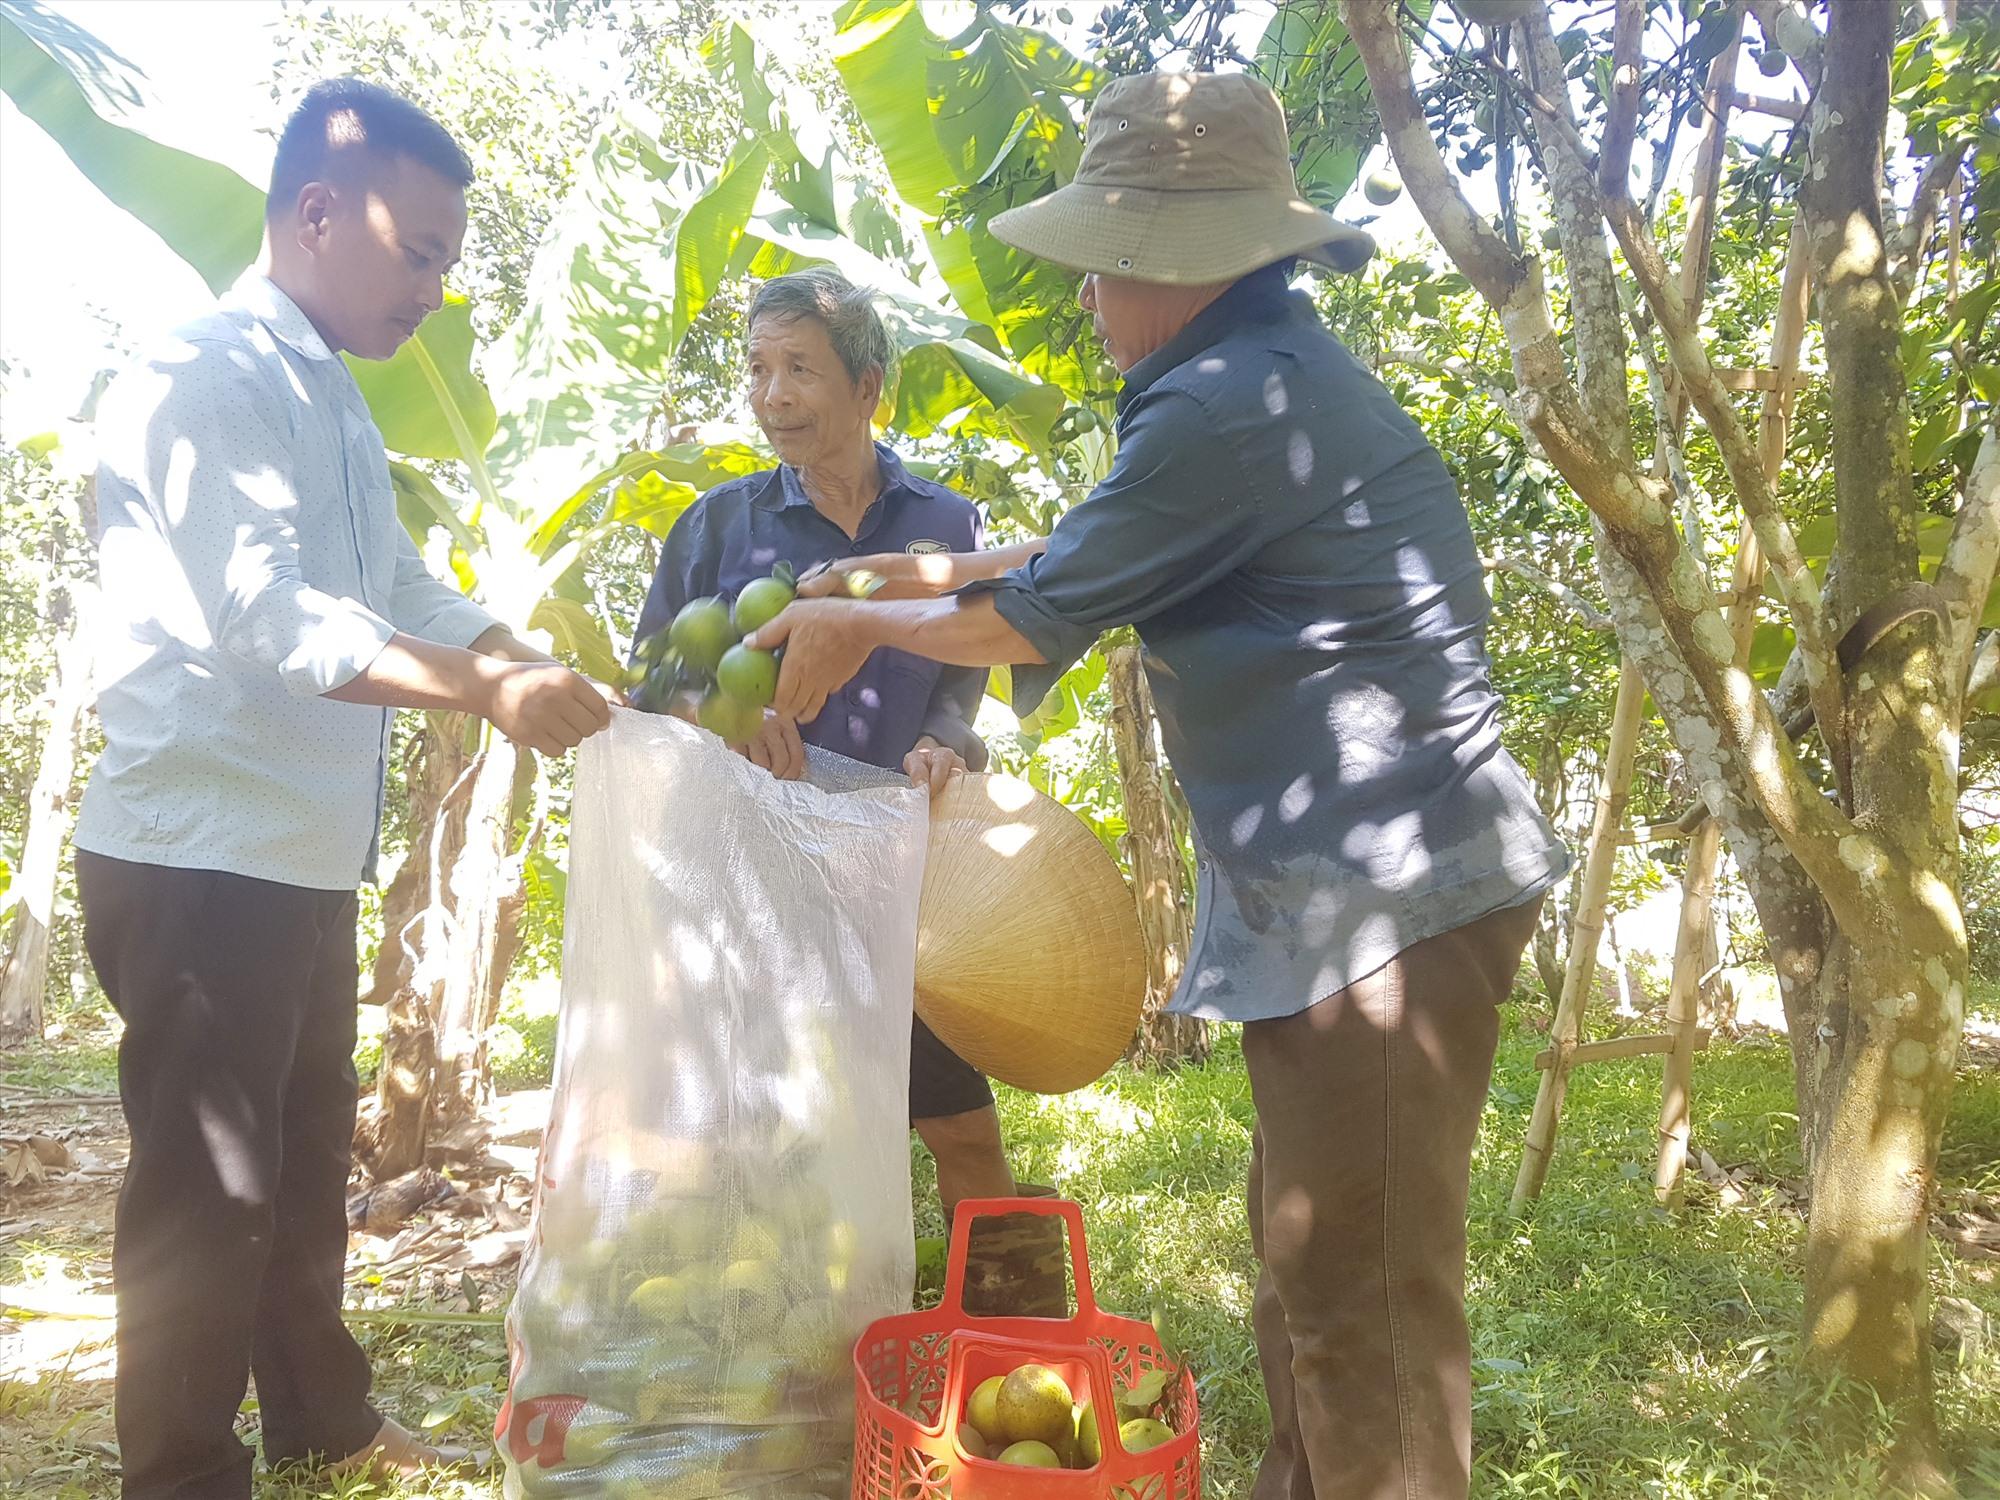 Xã Tiên Hà hỗ trợ nông dân và hợp tác xã xây dựng thương hiệu cam giấy bản địa. Ảnh: D.L